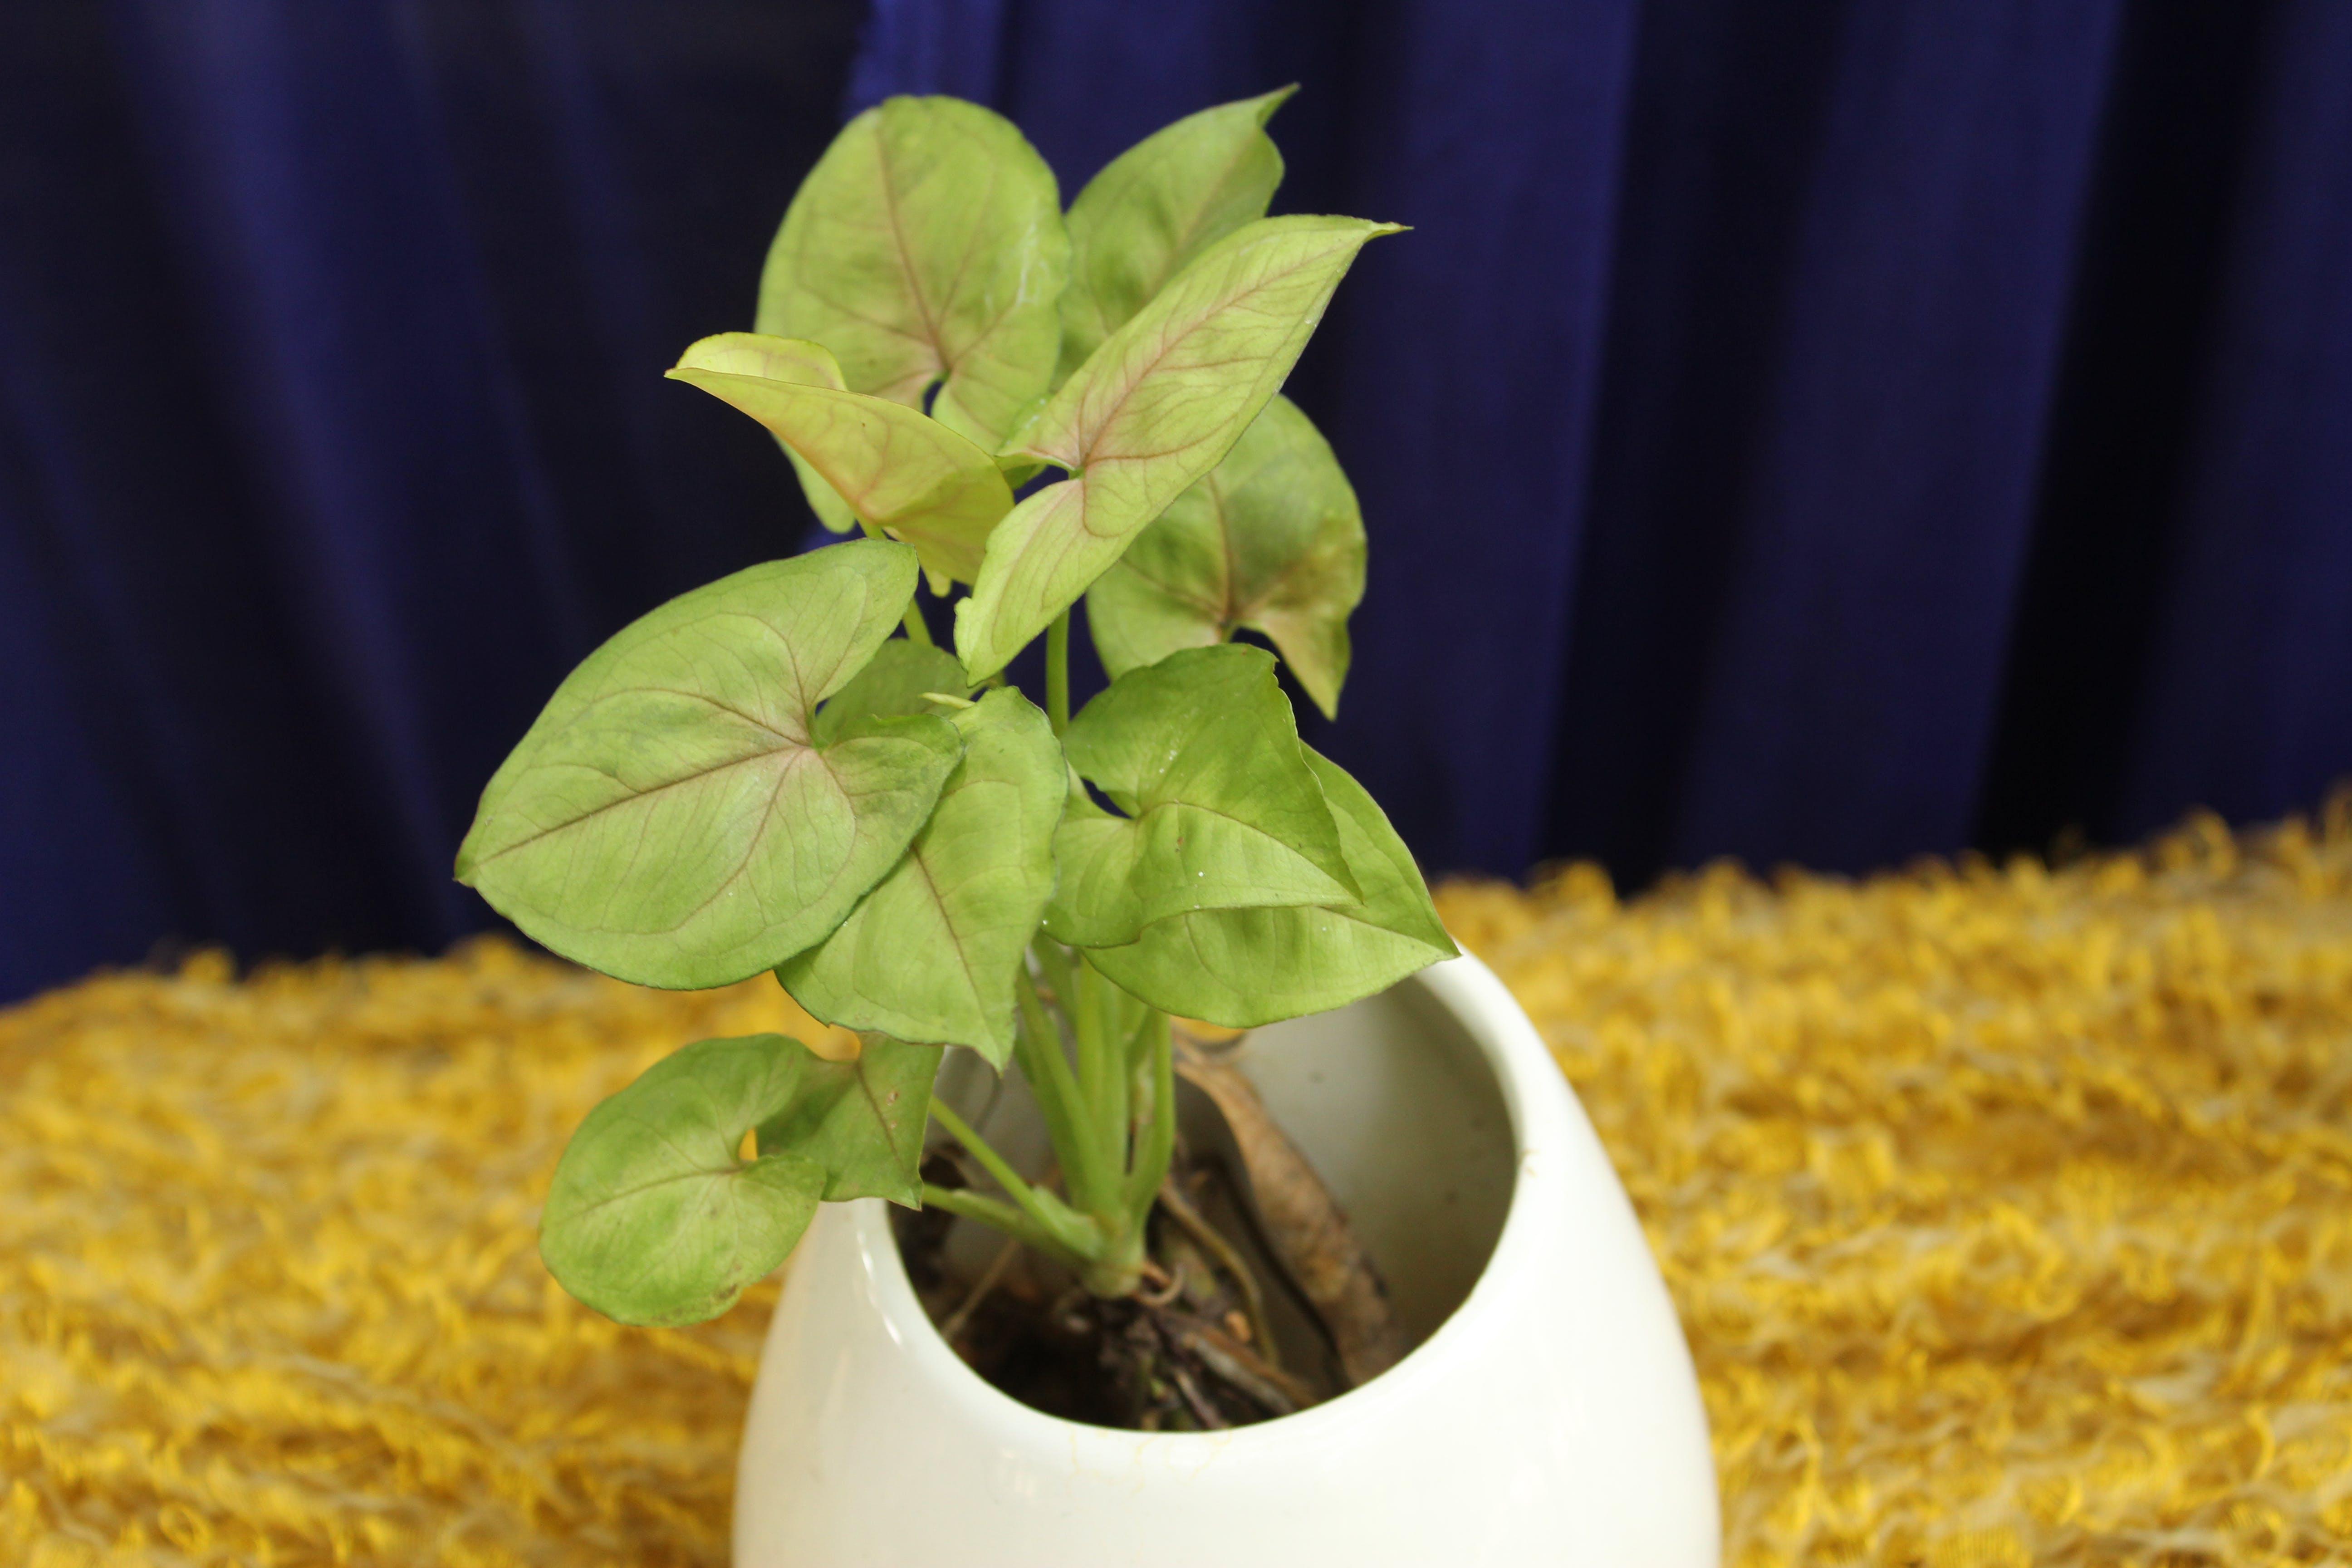 Kostenloses Stock Foto zu grüne pflanzen, innenanlagen, innenhaus, natur